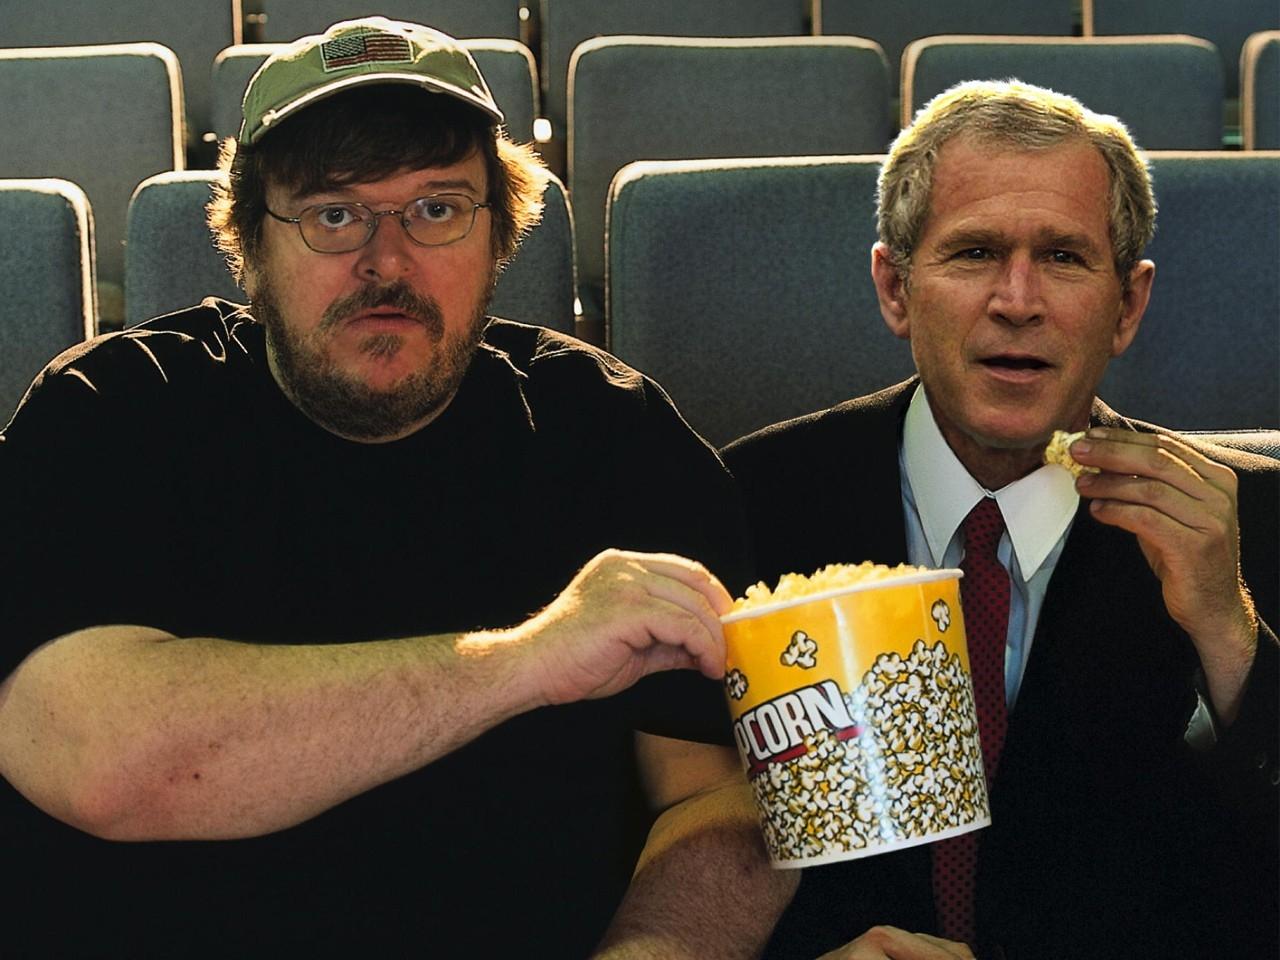 Wallpaper di Michael Moore in un irresistibile fotomontaggio con George W.Bush